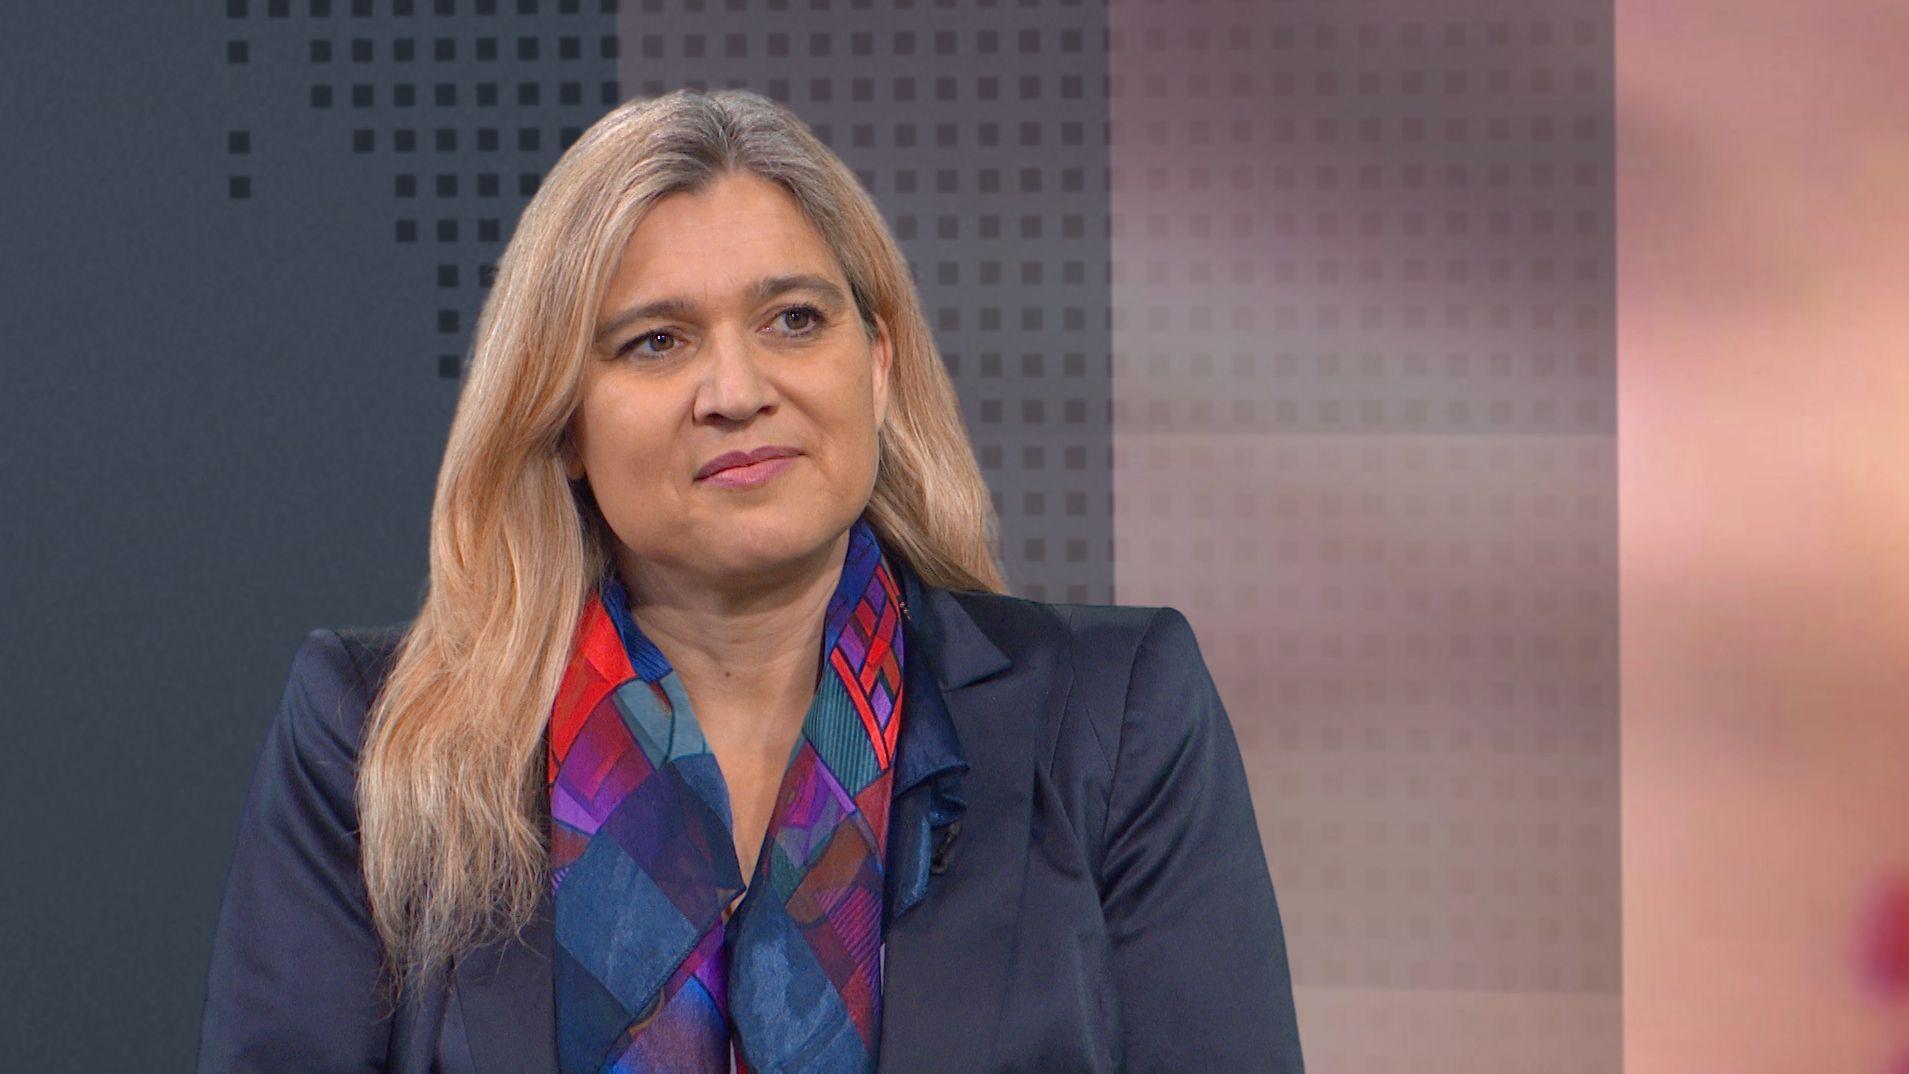 Melanie Huml, bayerische Gesundheitsministerin